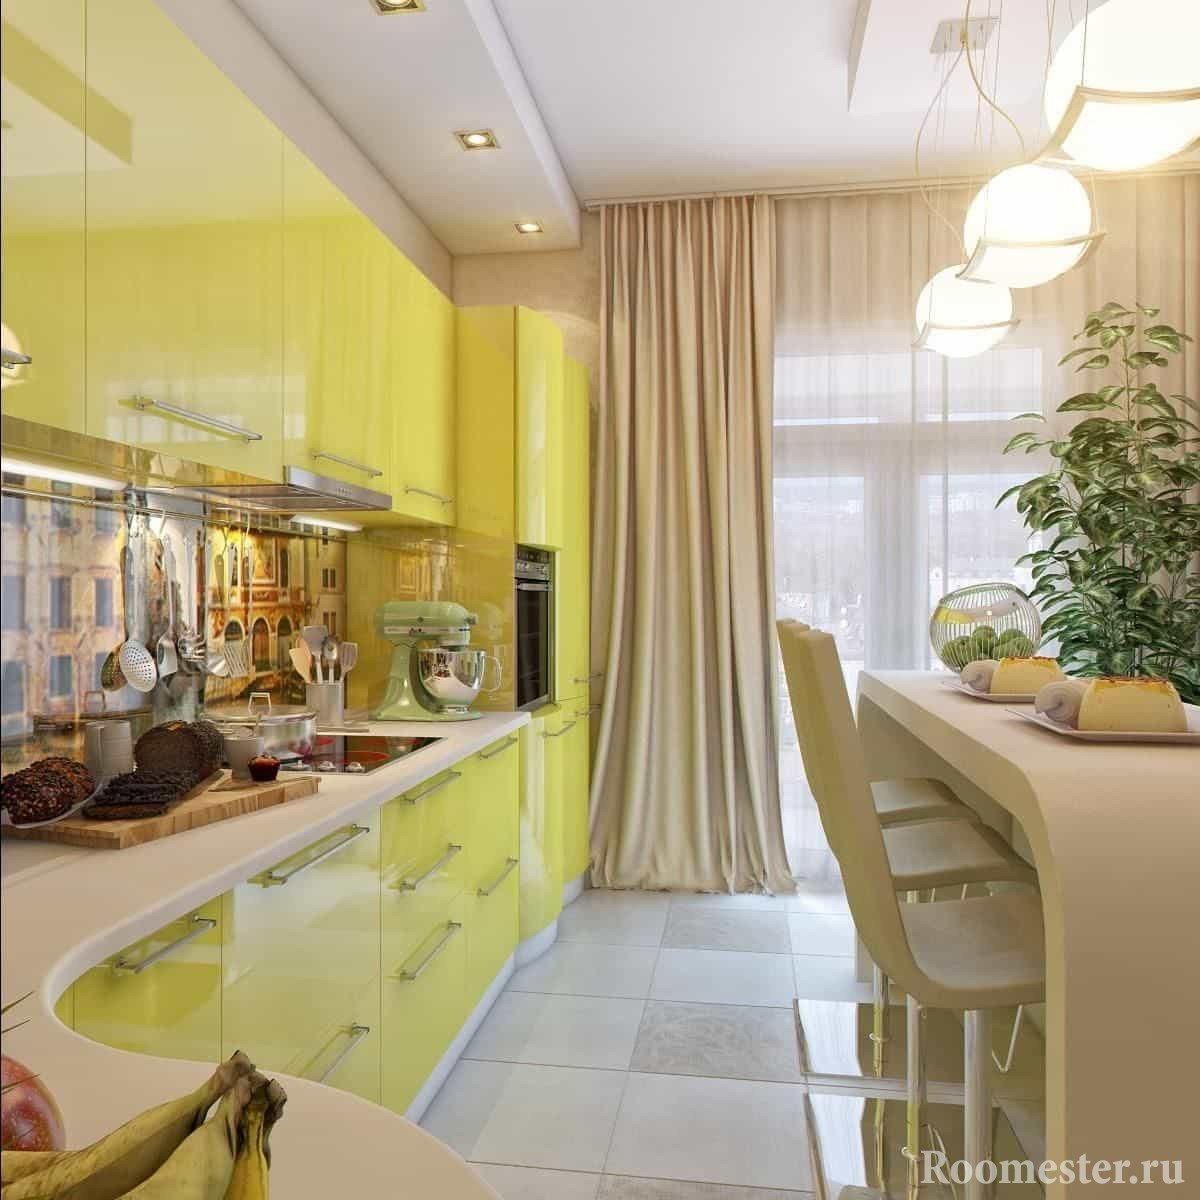 Угловая вытянутая желтая кухня с оригинальным столом